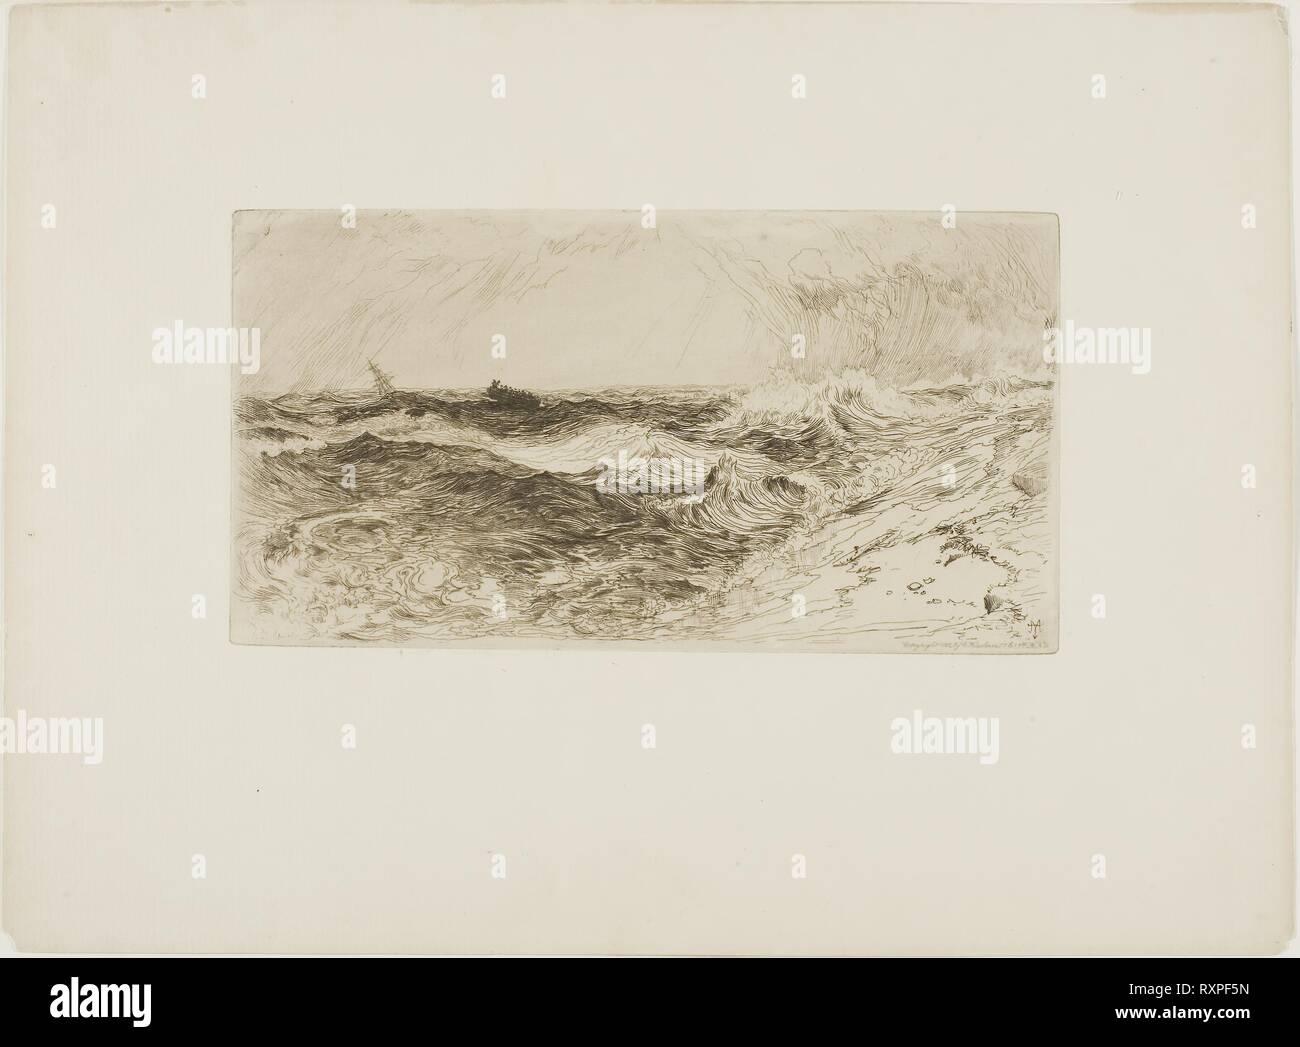 El resonante mar. Thomas Moran; Americano, nacido en Inglaterra, 1837-1926. Fecha: 1885-1886. Dimensiones: 105 x 203 mm (imagen/placa); 233 x 316 mm (hoja). Crema Aguafuerte sobre papel establecido. Origen: Estados Unidos. Museo: El Instituto de Arte de Chicago. Imagen De Stock